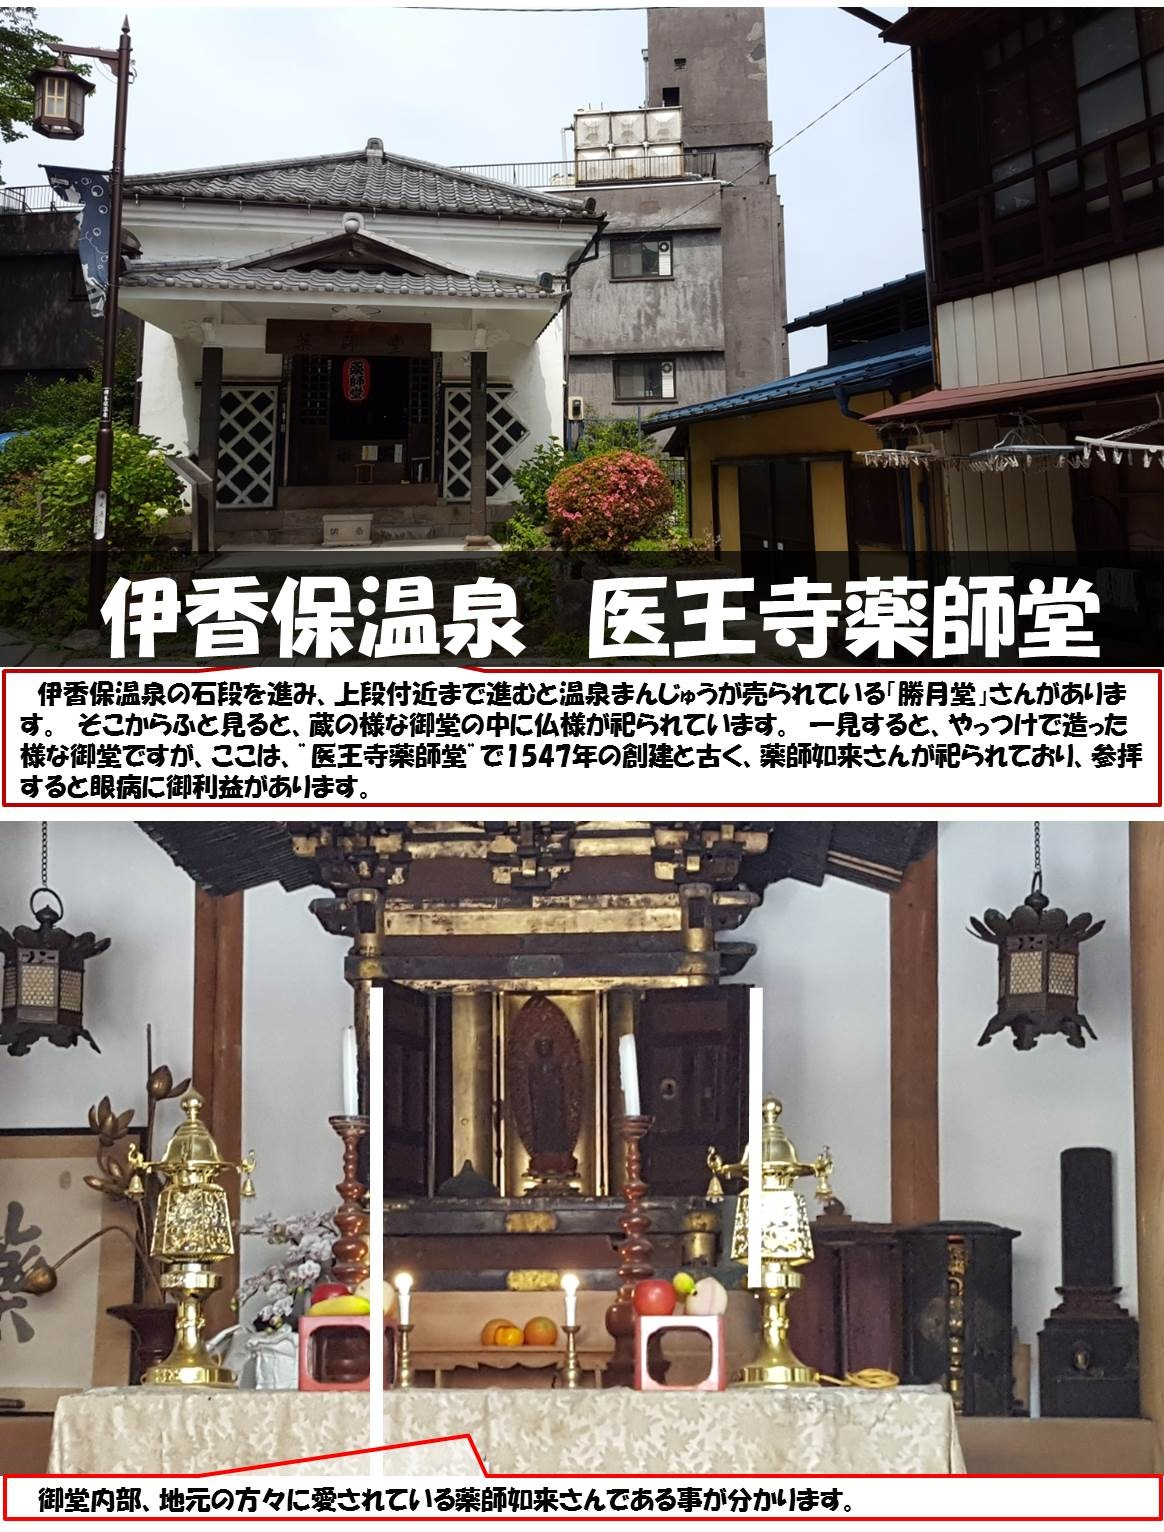 """伊香保温泉 医王寺薬師堂  伊香保温泉の石段を進み、上段付近まで進むと温泉まんじゅうが売られている「勝月堂」さんがあります。 そこからふと見ると、蔵の様な御堂の中に仏様が祀られています。 一見すると、やっつけで造った様な御堂ですが、ここは、""""医王寺薬師堂""""で1547年の創建と古く、薬師如来さんが祀られており、参拝すると眼病に御利益があります。 御堂内部、地元の方々に愛されている薬師如来さんである事が分かります。"""